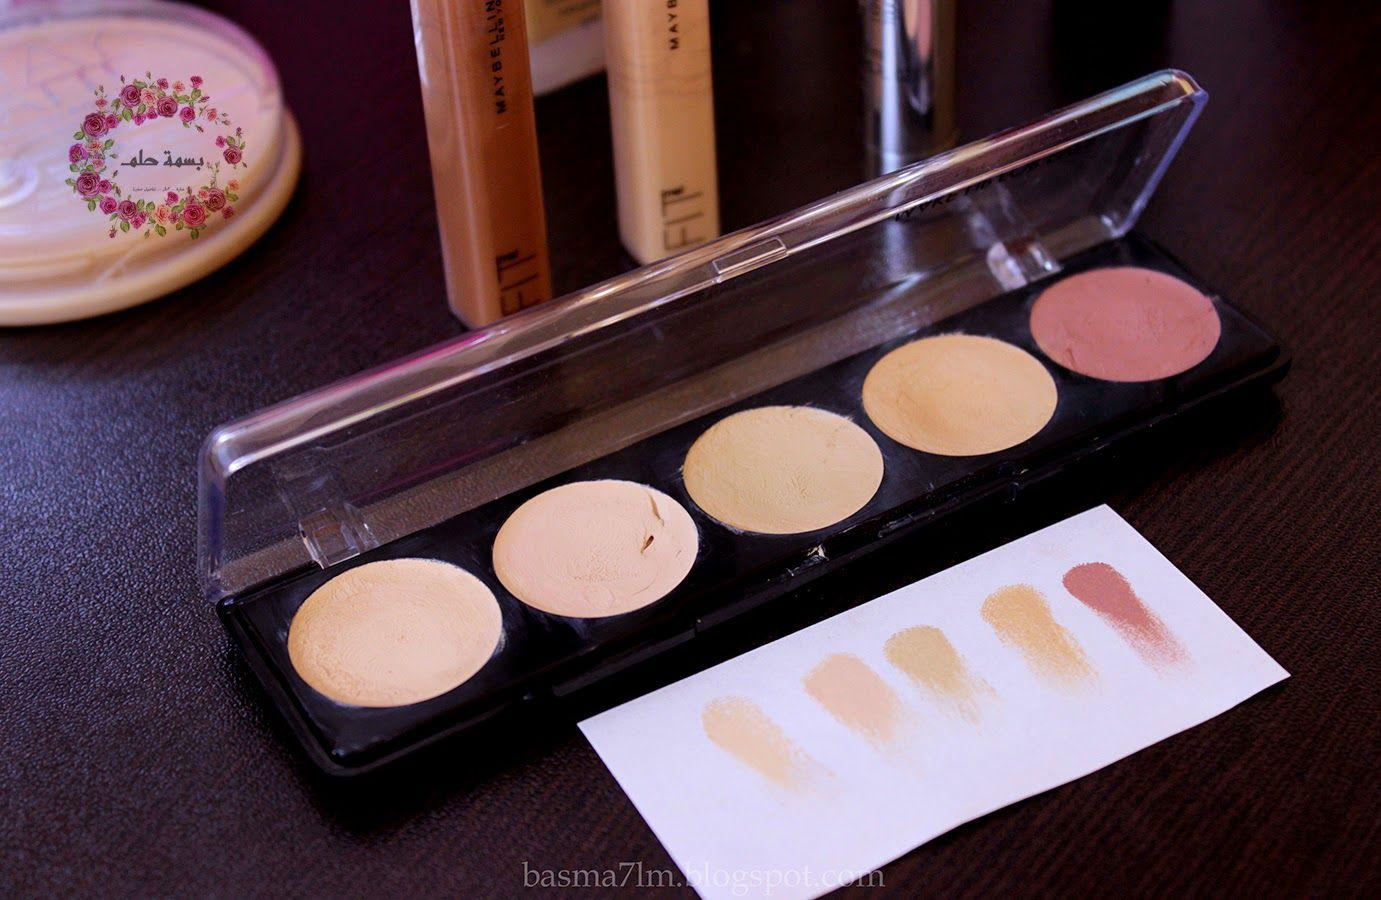 باليت مخفي العيوب الكريمي من ميك اب فورايفر Makeup Forever 5 Camouflage Cream Palette التفاصيل في المدونة Camouflage Cream Makeup Forever Tea Light Candle